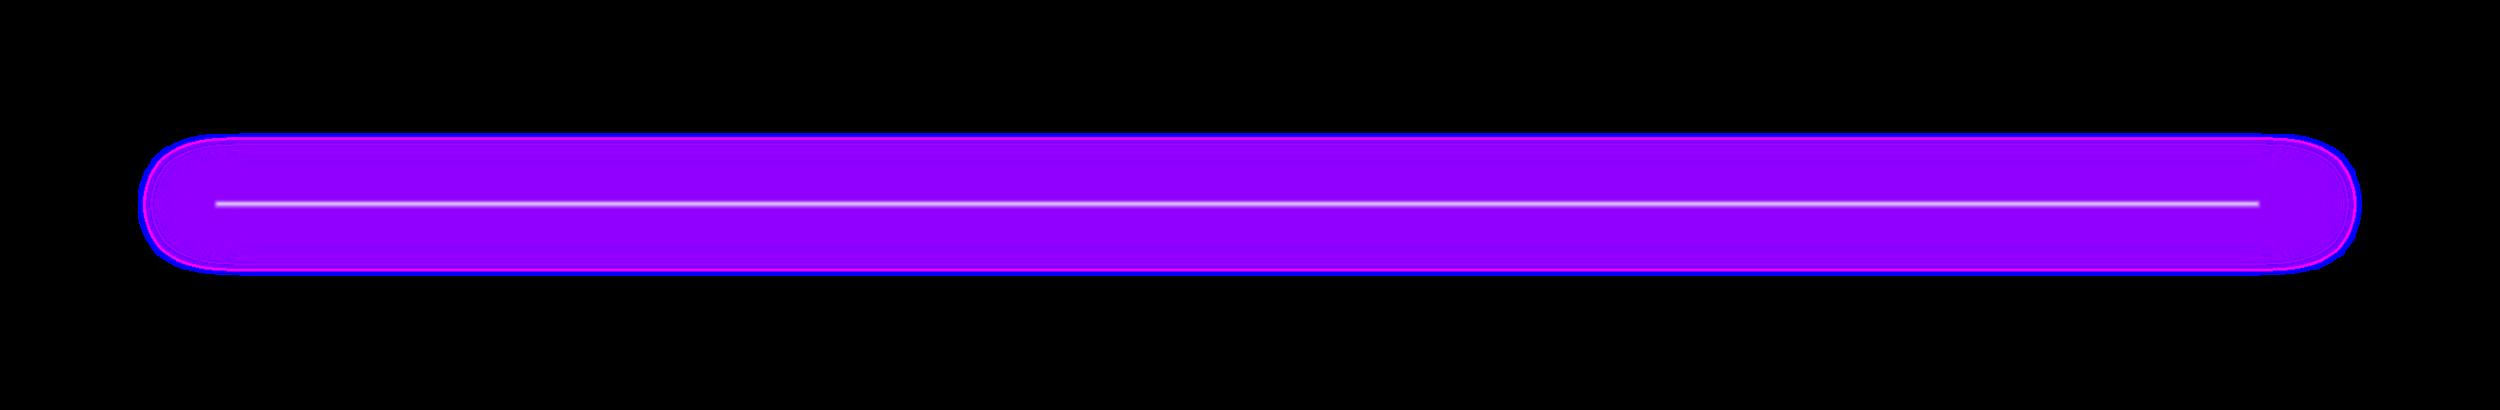 sann neon line.png